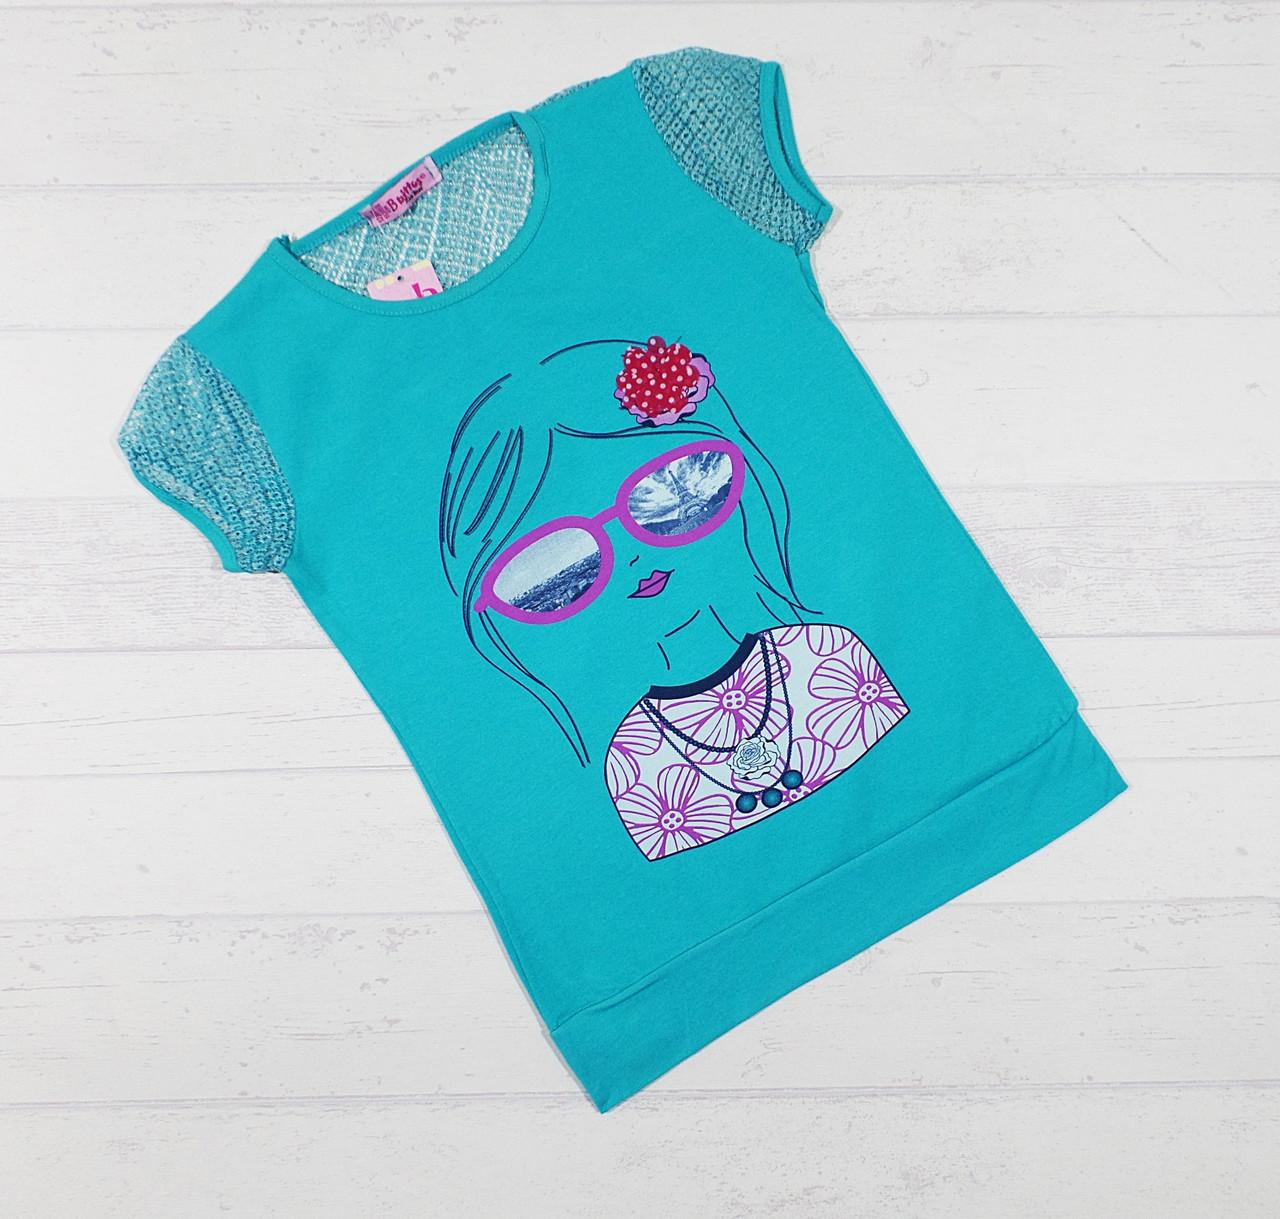 """Детская футболка для девочек """"Модница"""" 9,10,11,12 лет морская молна"""